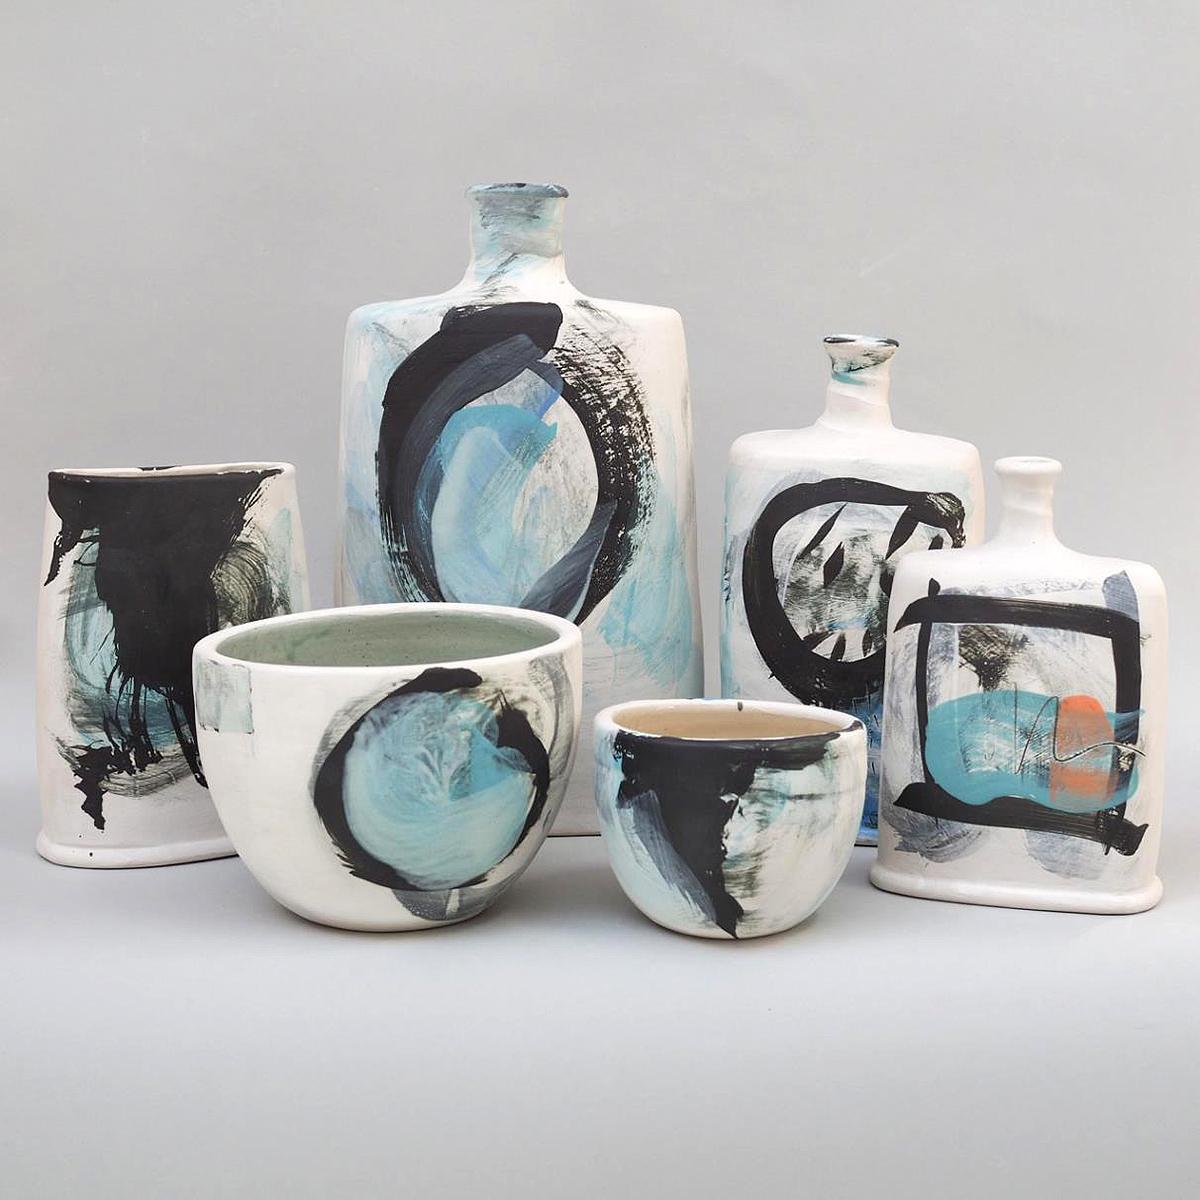 Julie Whatley - Storm Pots